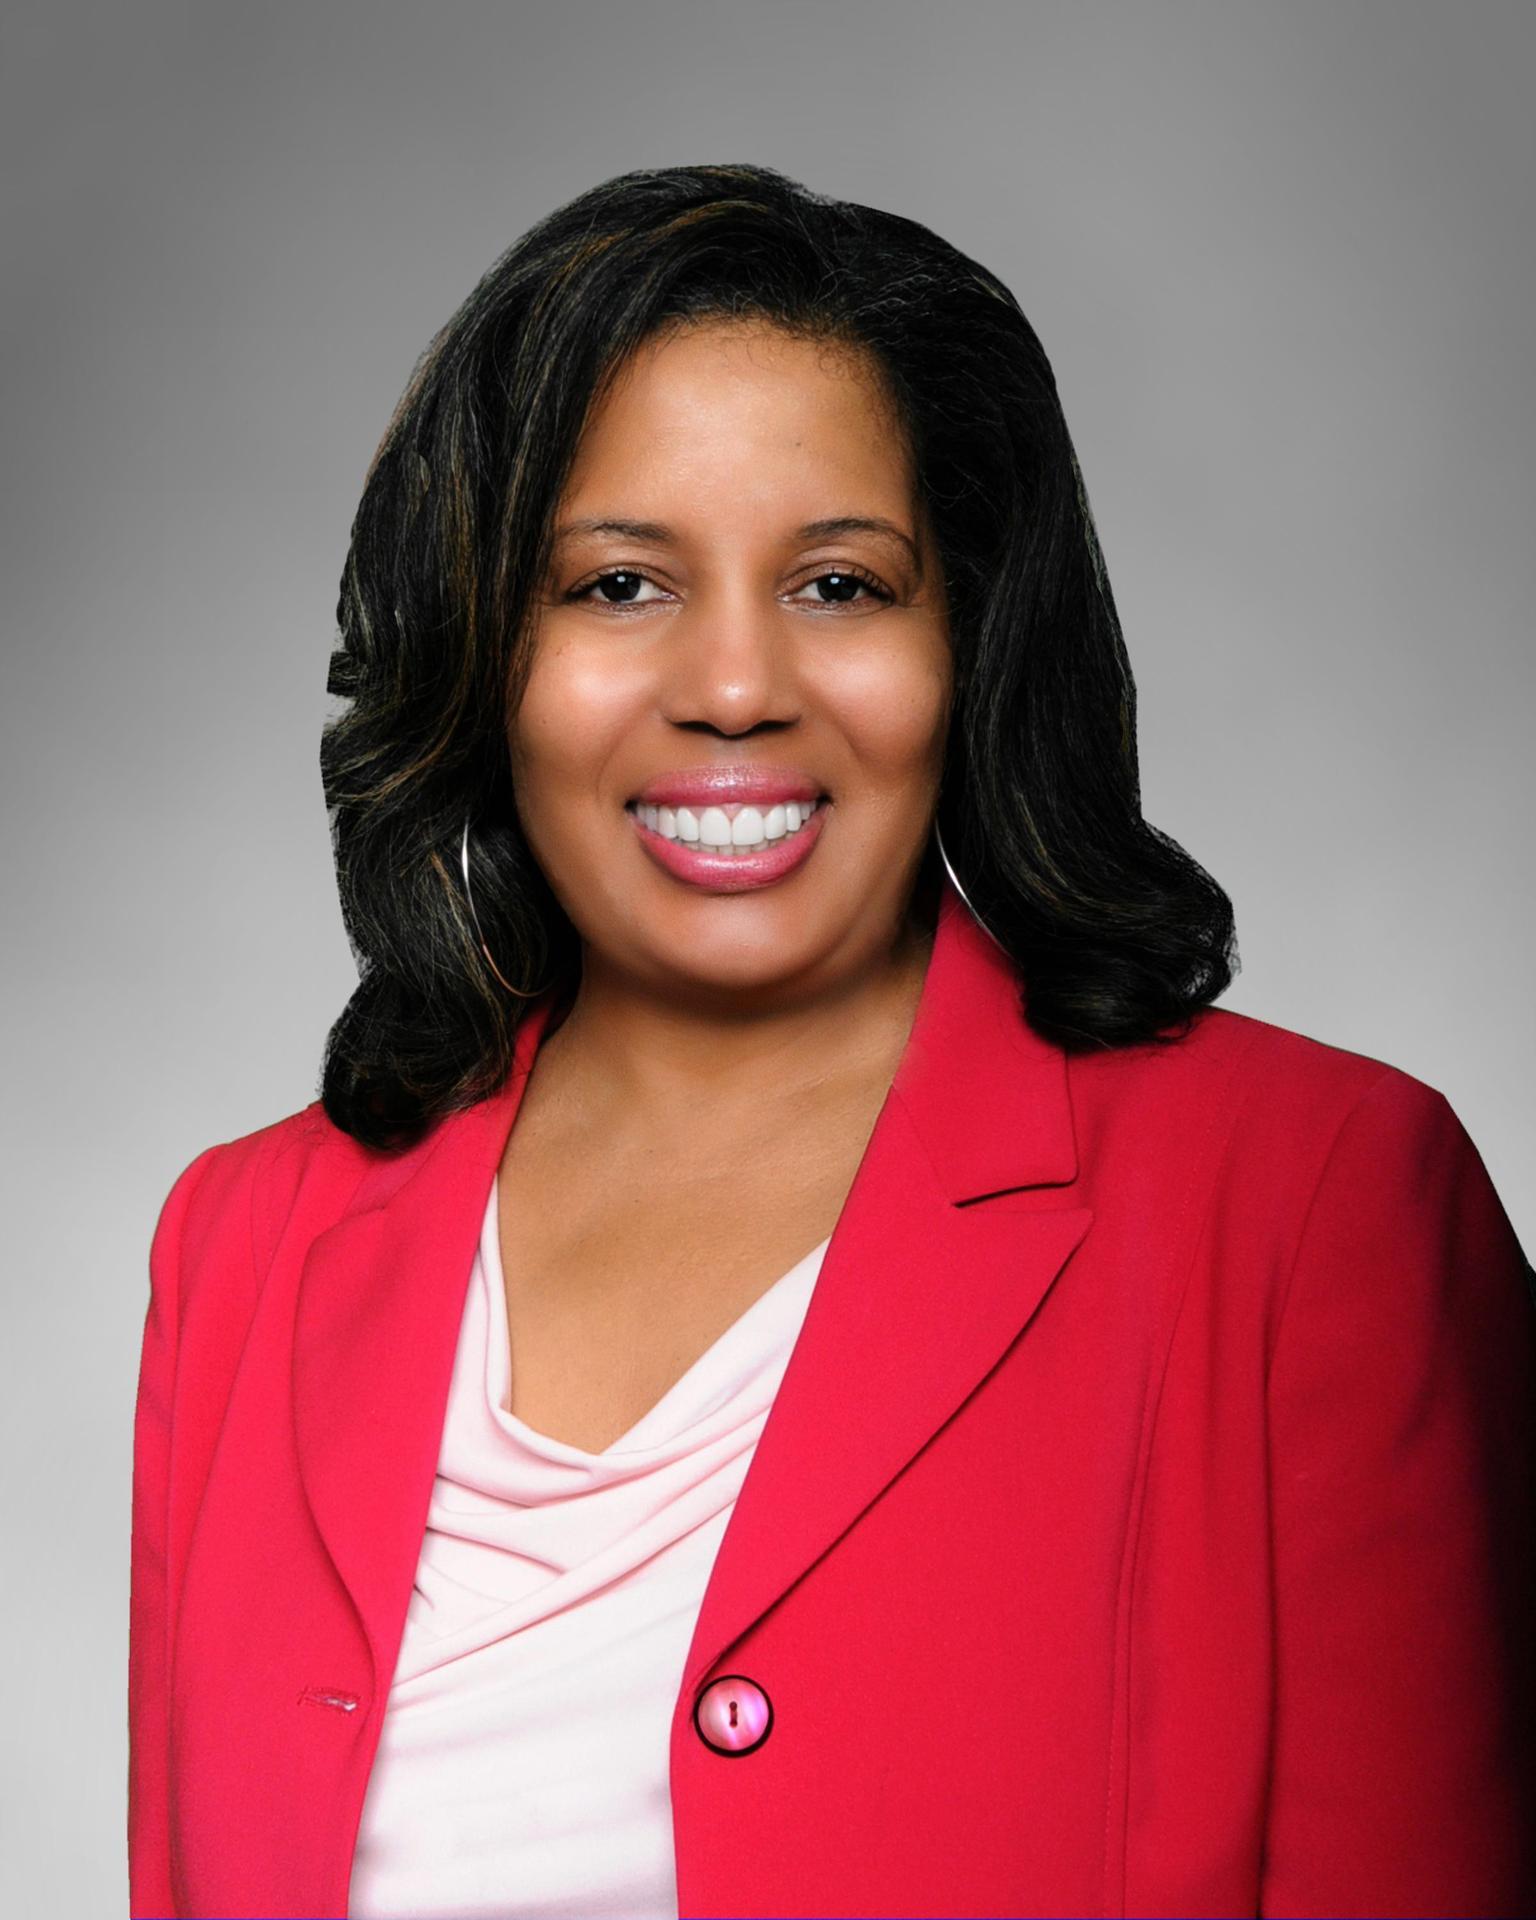 Dr. Lisa Woods